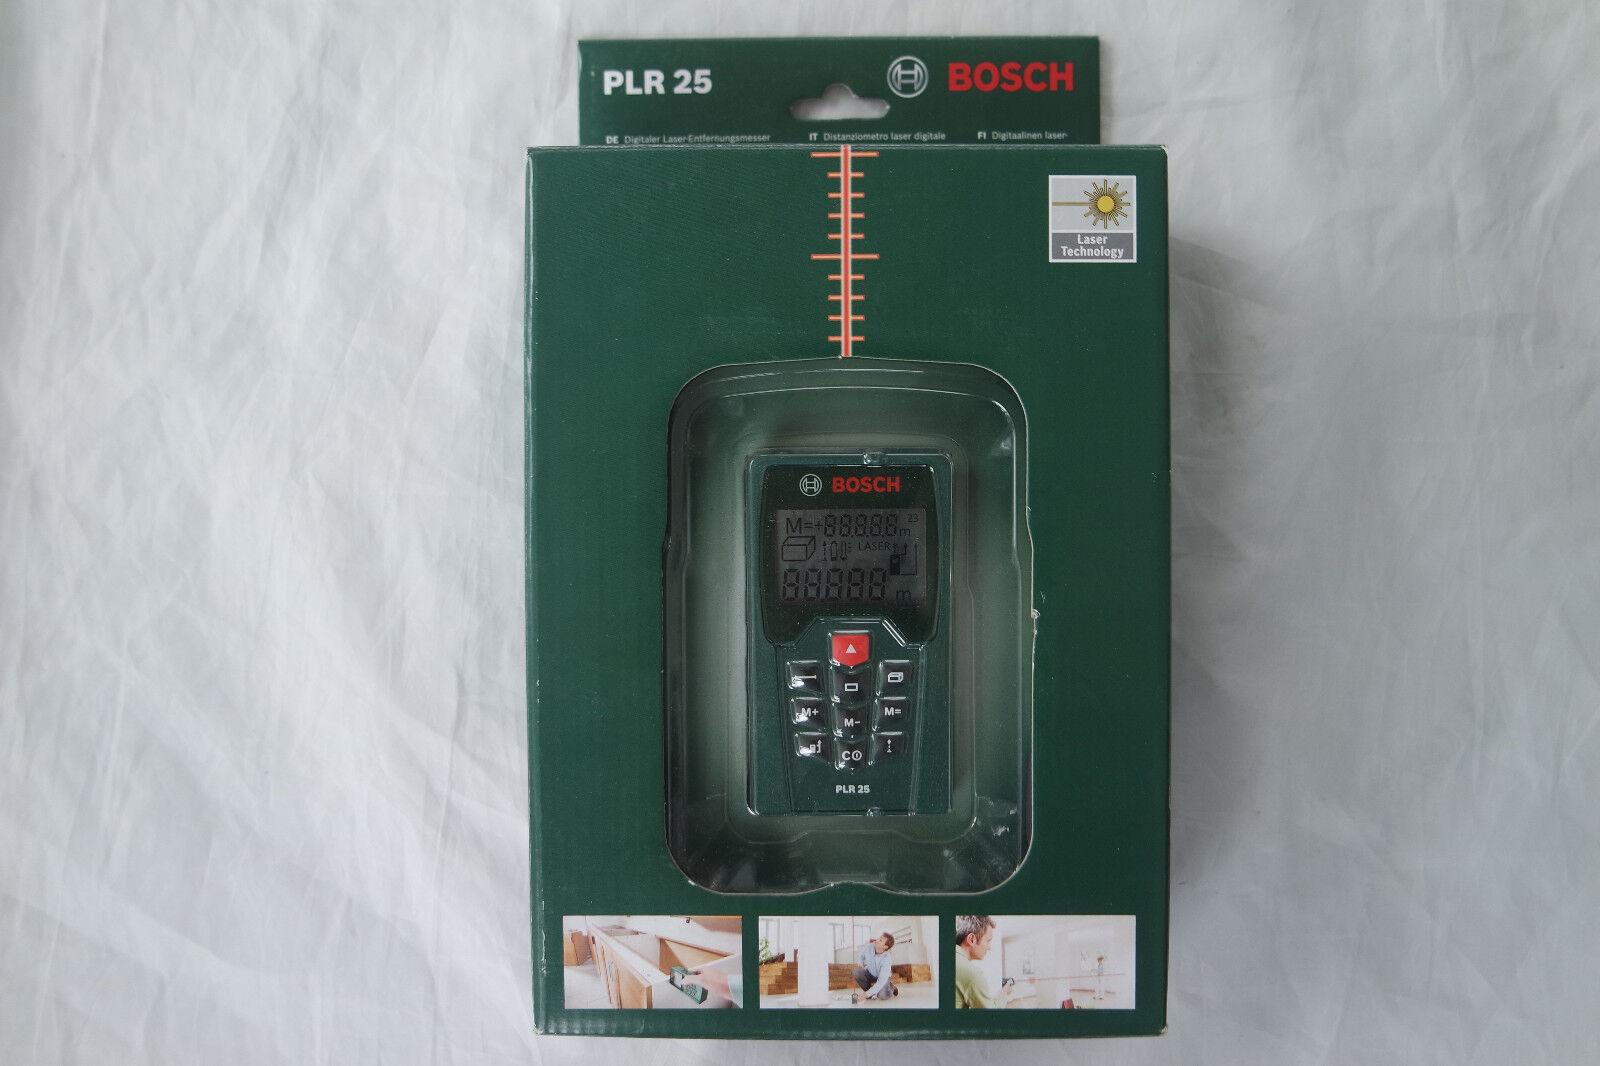 Bosch Plr 25 Laser Entfernungsmesser Test : Bosch plr laser entfernungsmesser: entfernungsmesser